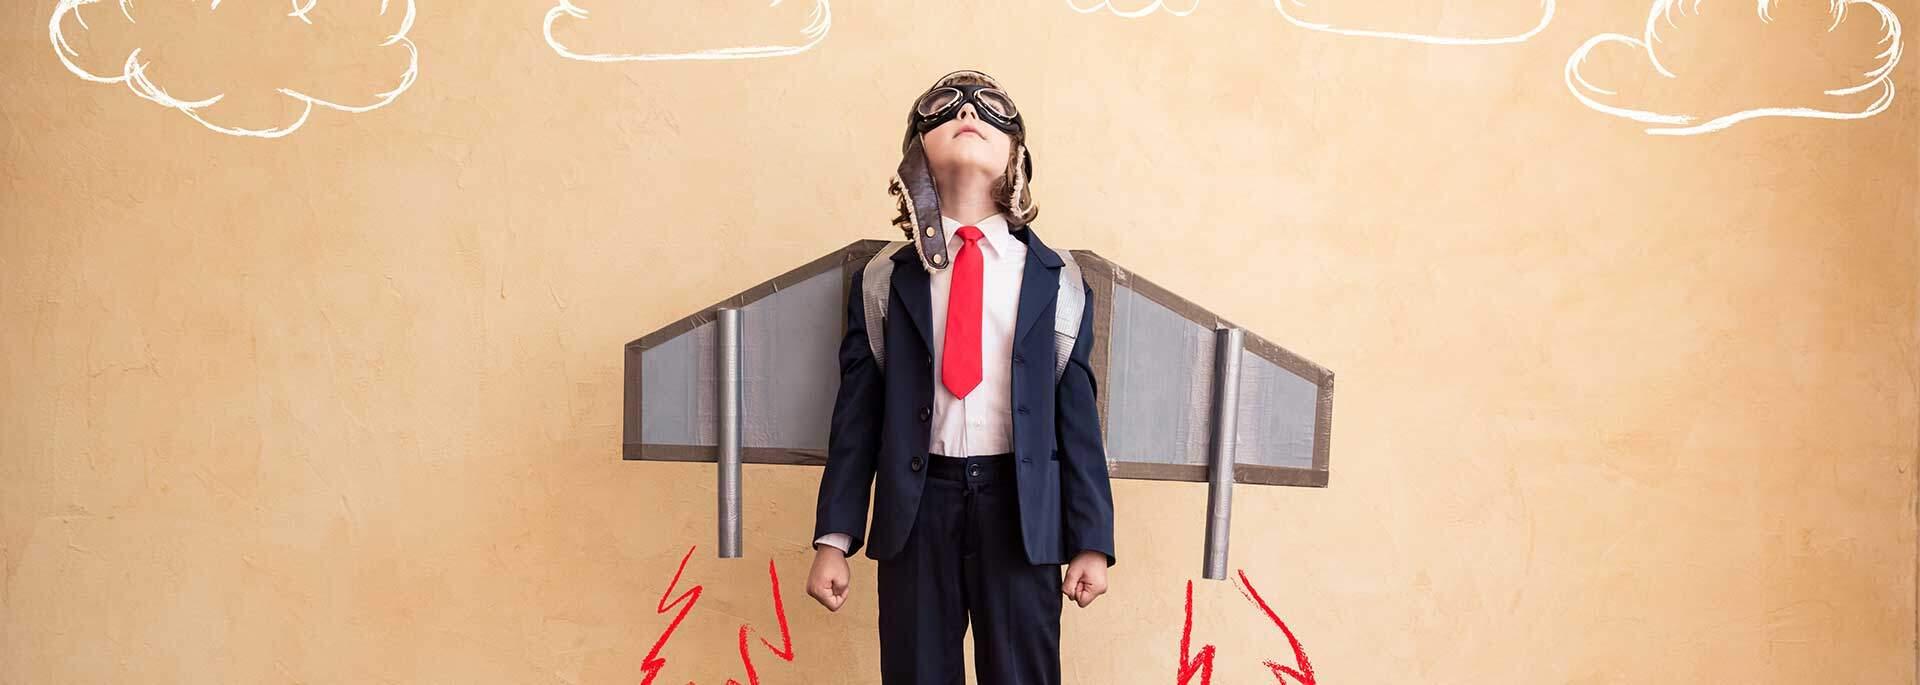 Junge mit Fluganzug sieht nach oben